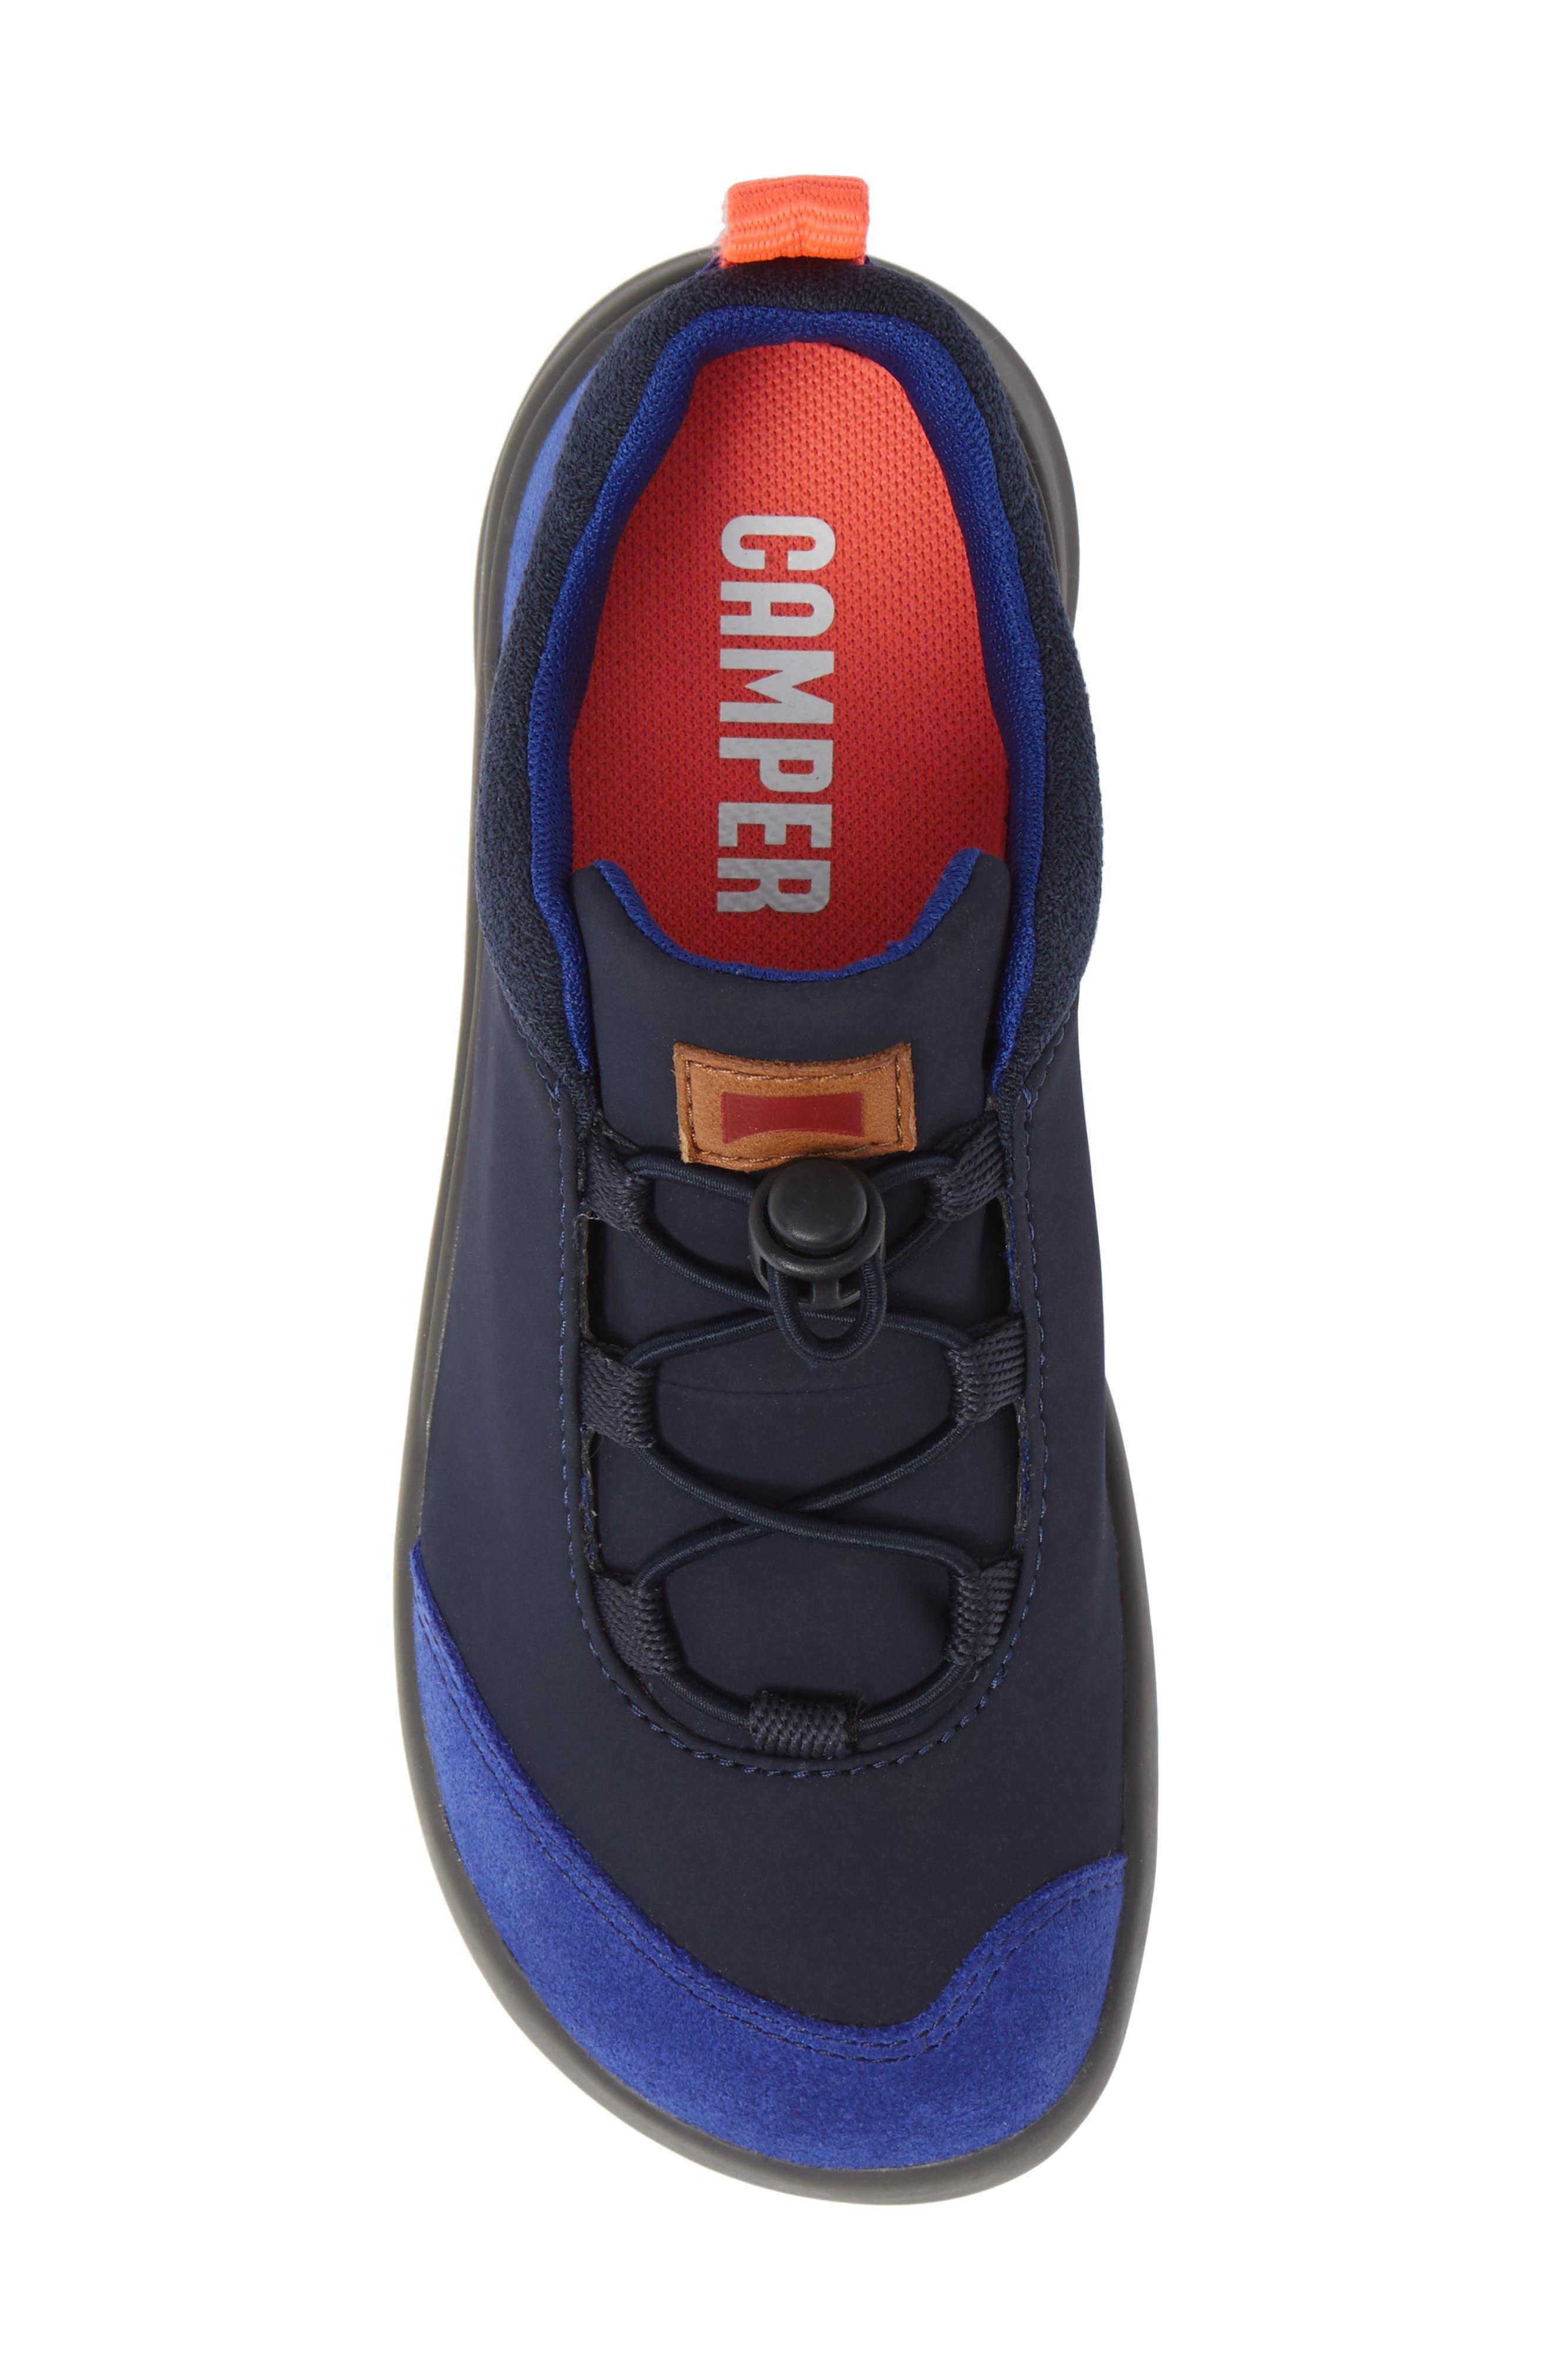 Ergo Hybrid Sneaker,                             Alternate thumbnail 5, color,                             BLUE MULTI